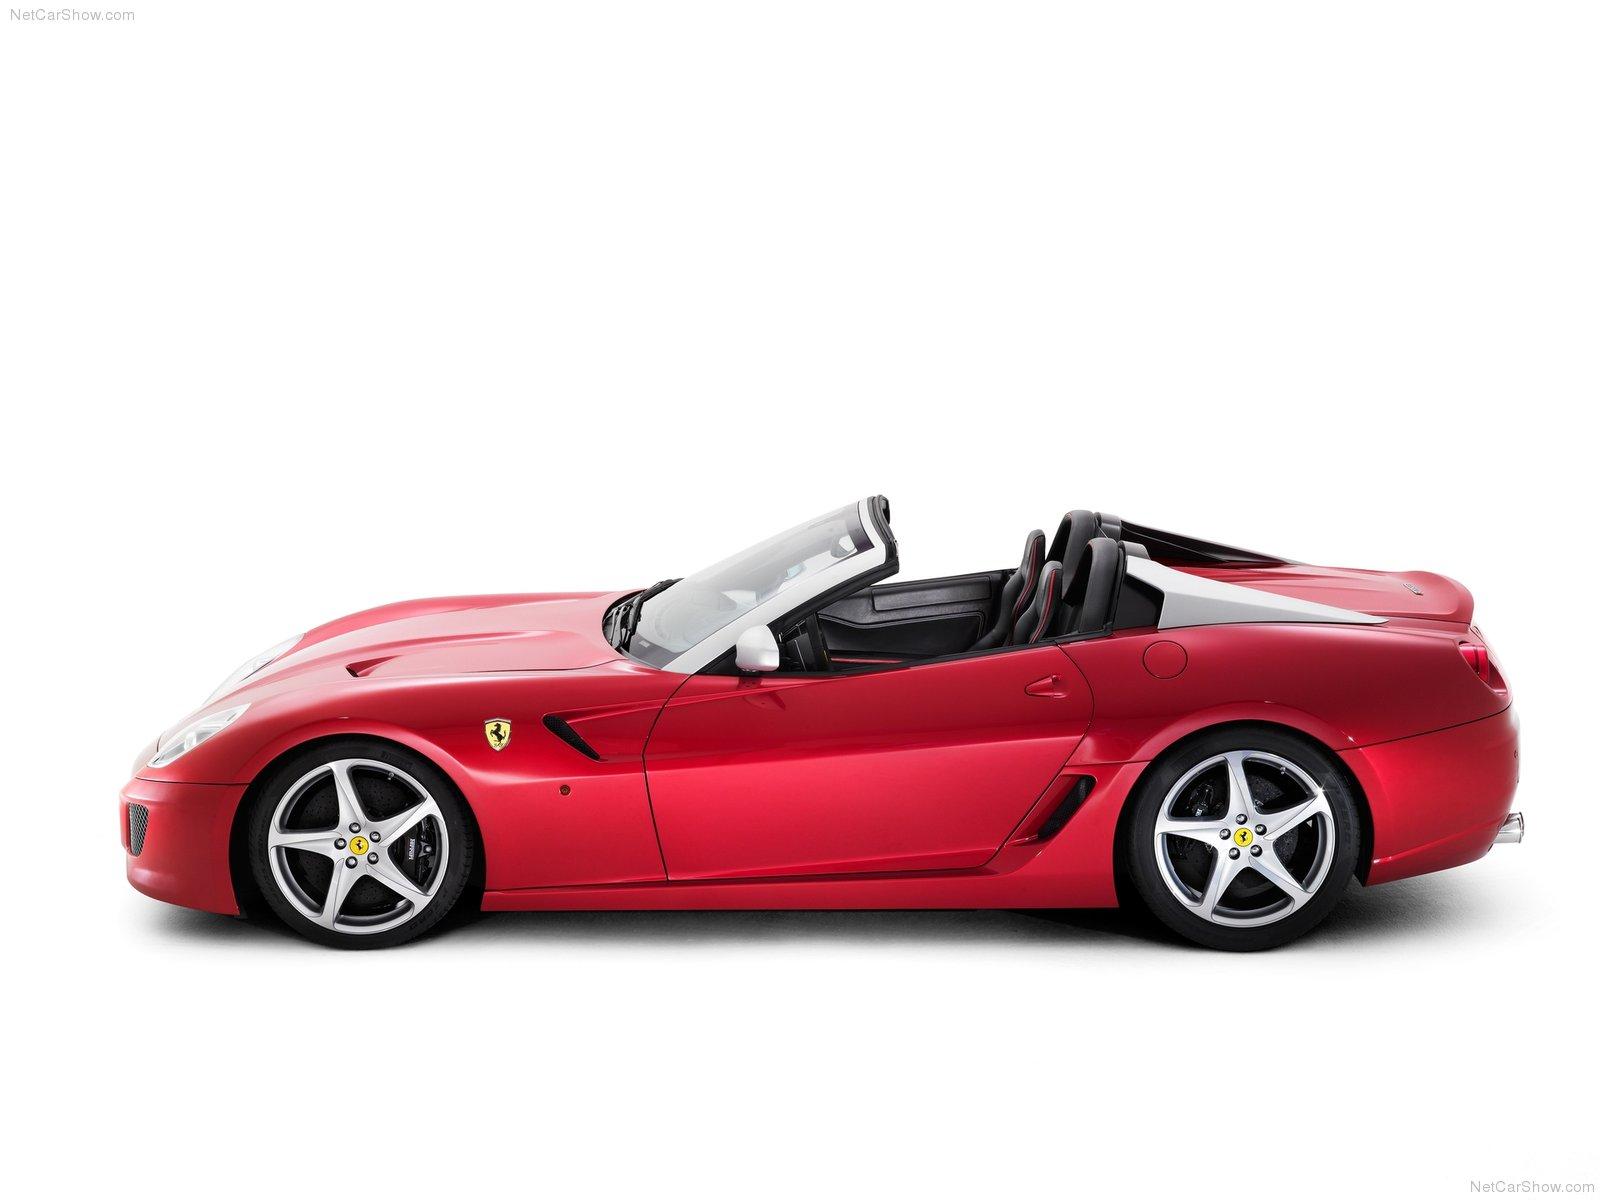 Hình ảnh siêu xe Ferrari 599 SA Aperta 2011 & nội ngoại thất